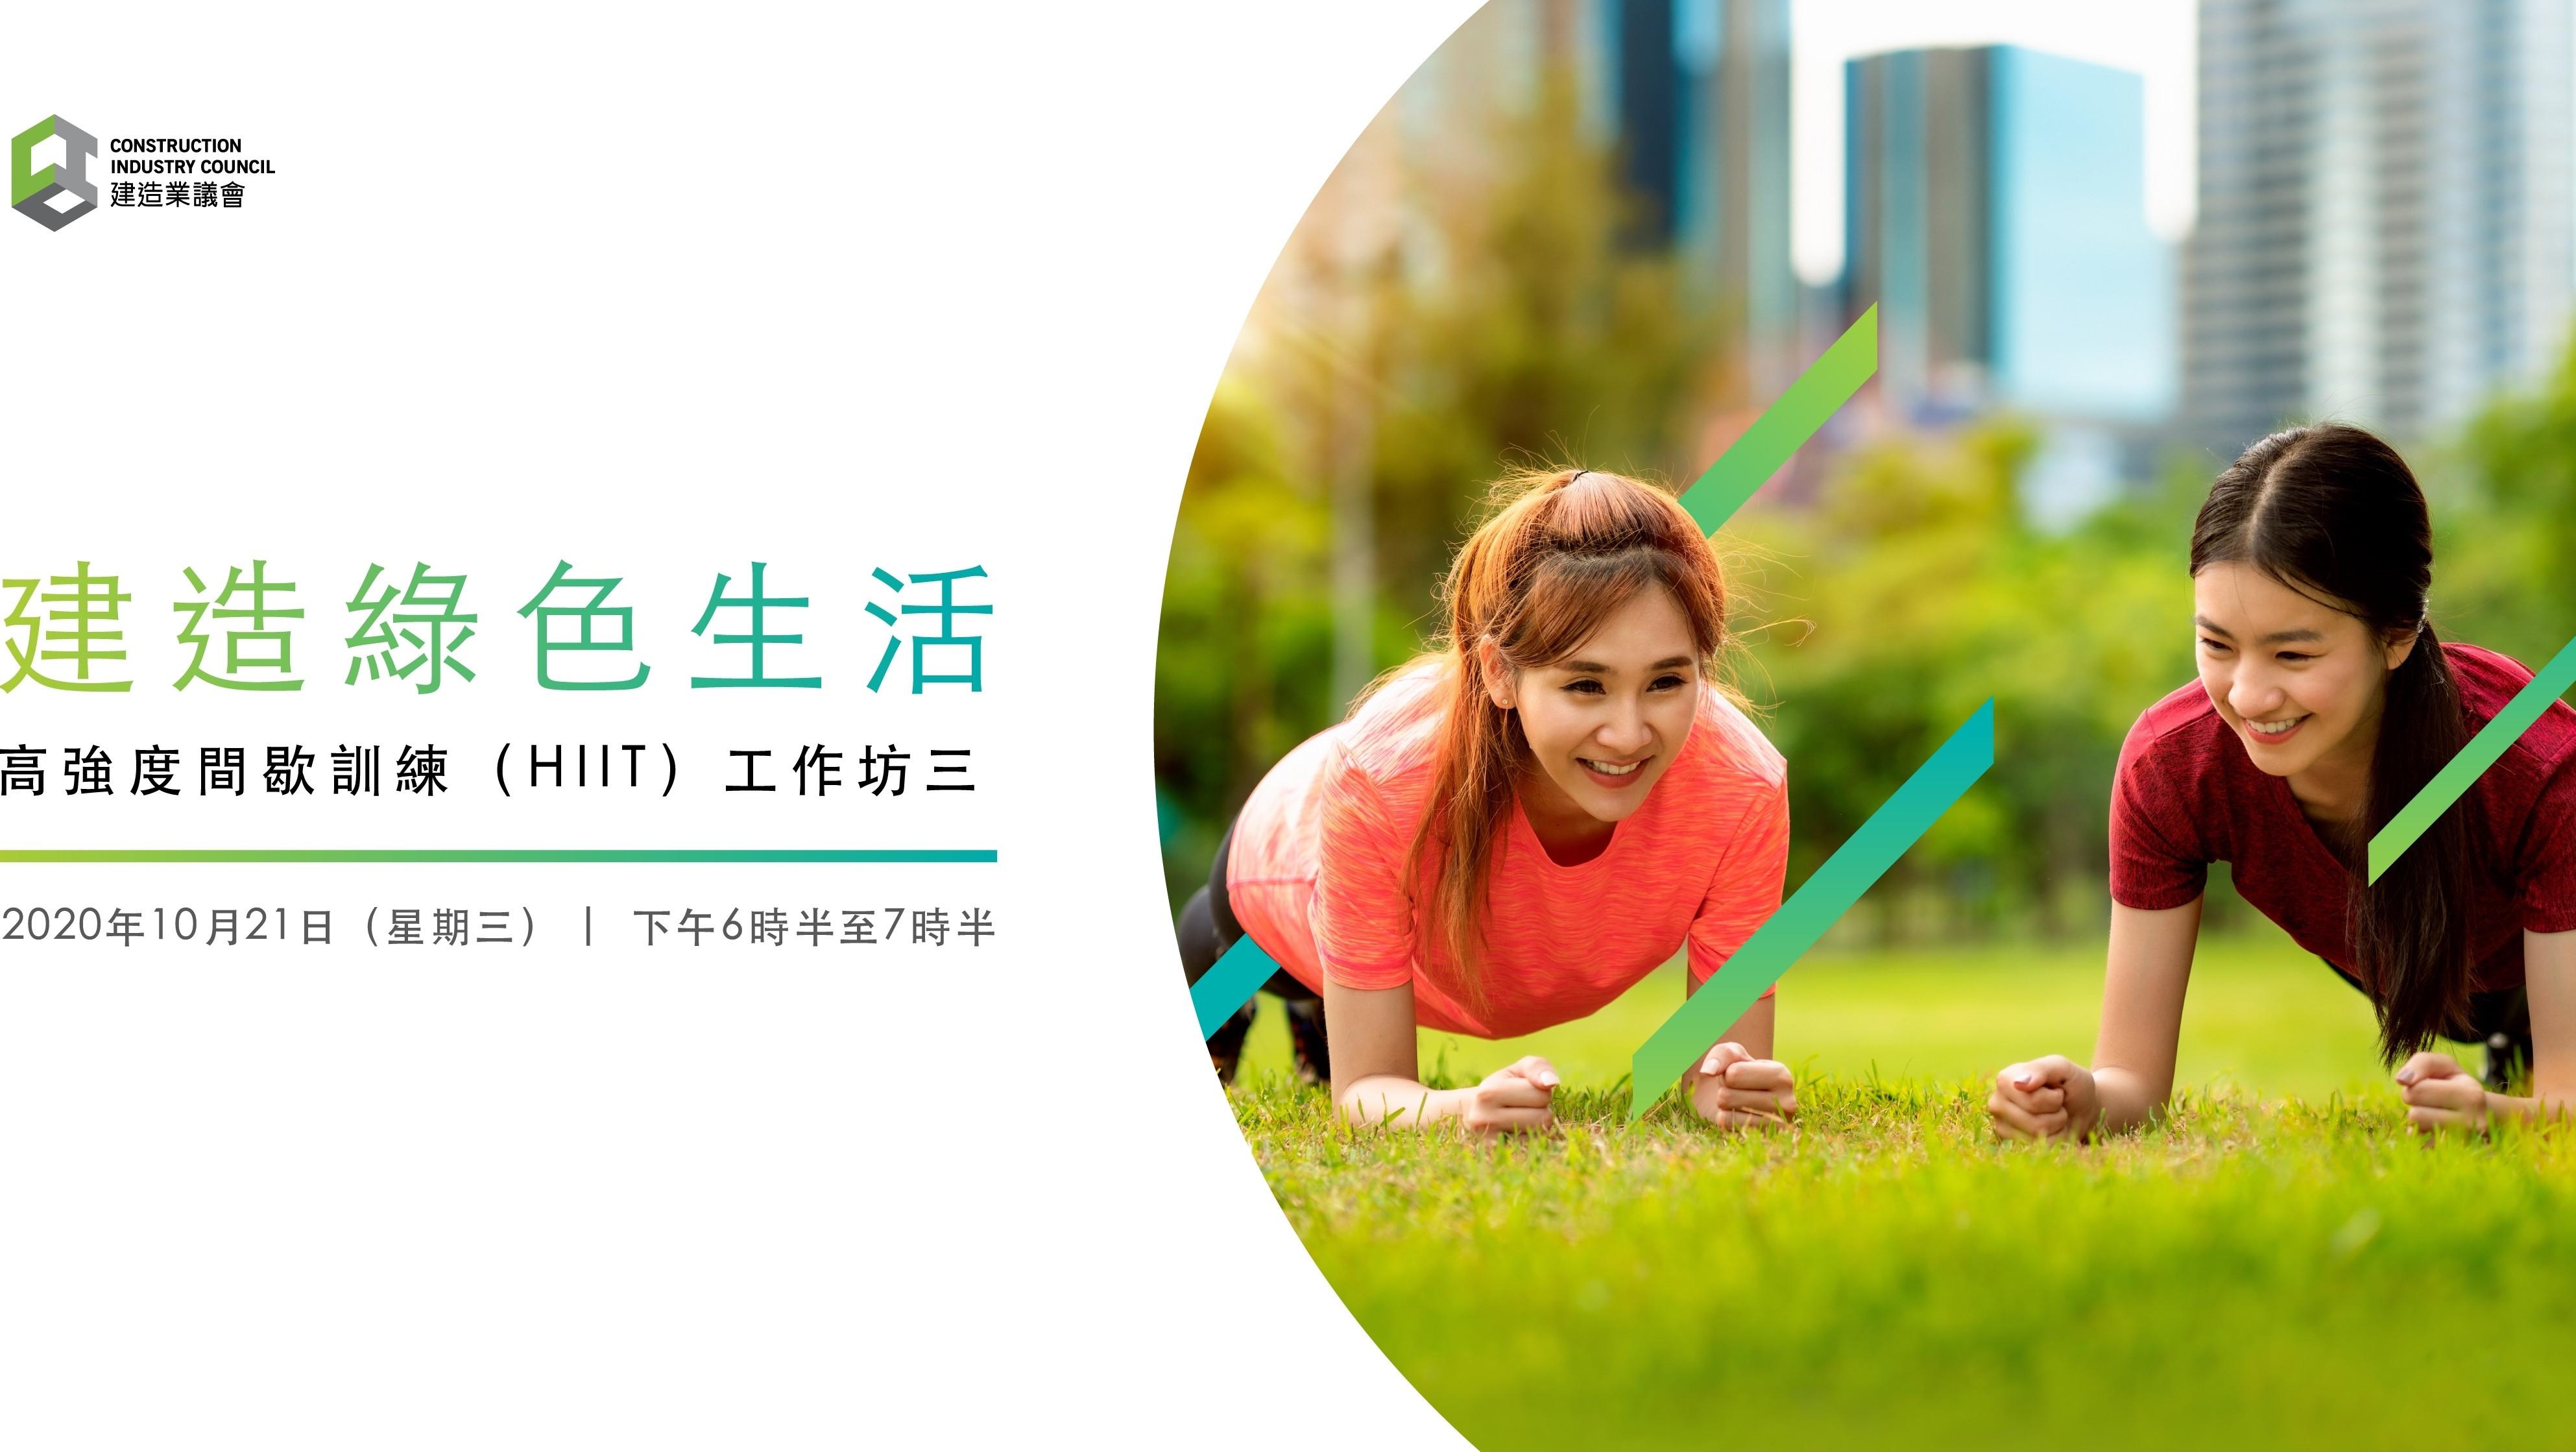 「建造低碳綠色生活」高強度間歇訓練(HIIT)工作坊 III